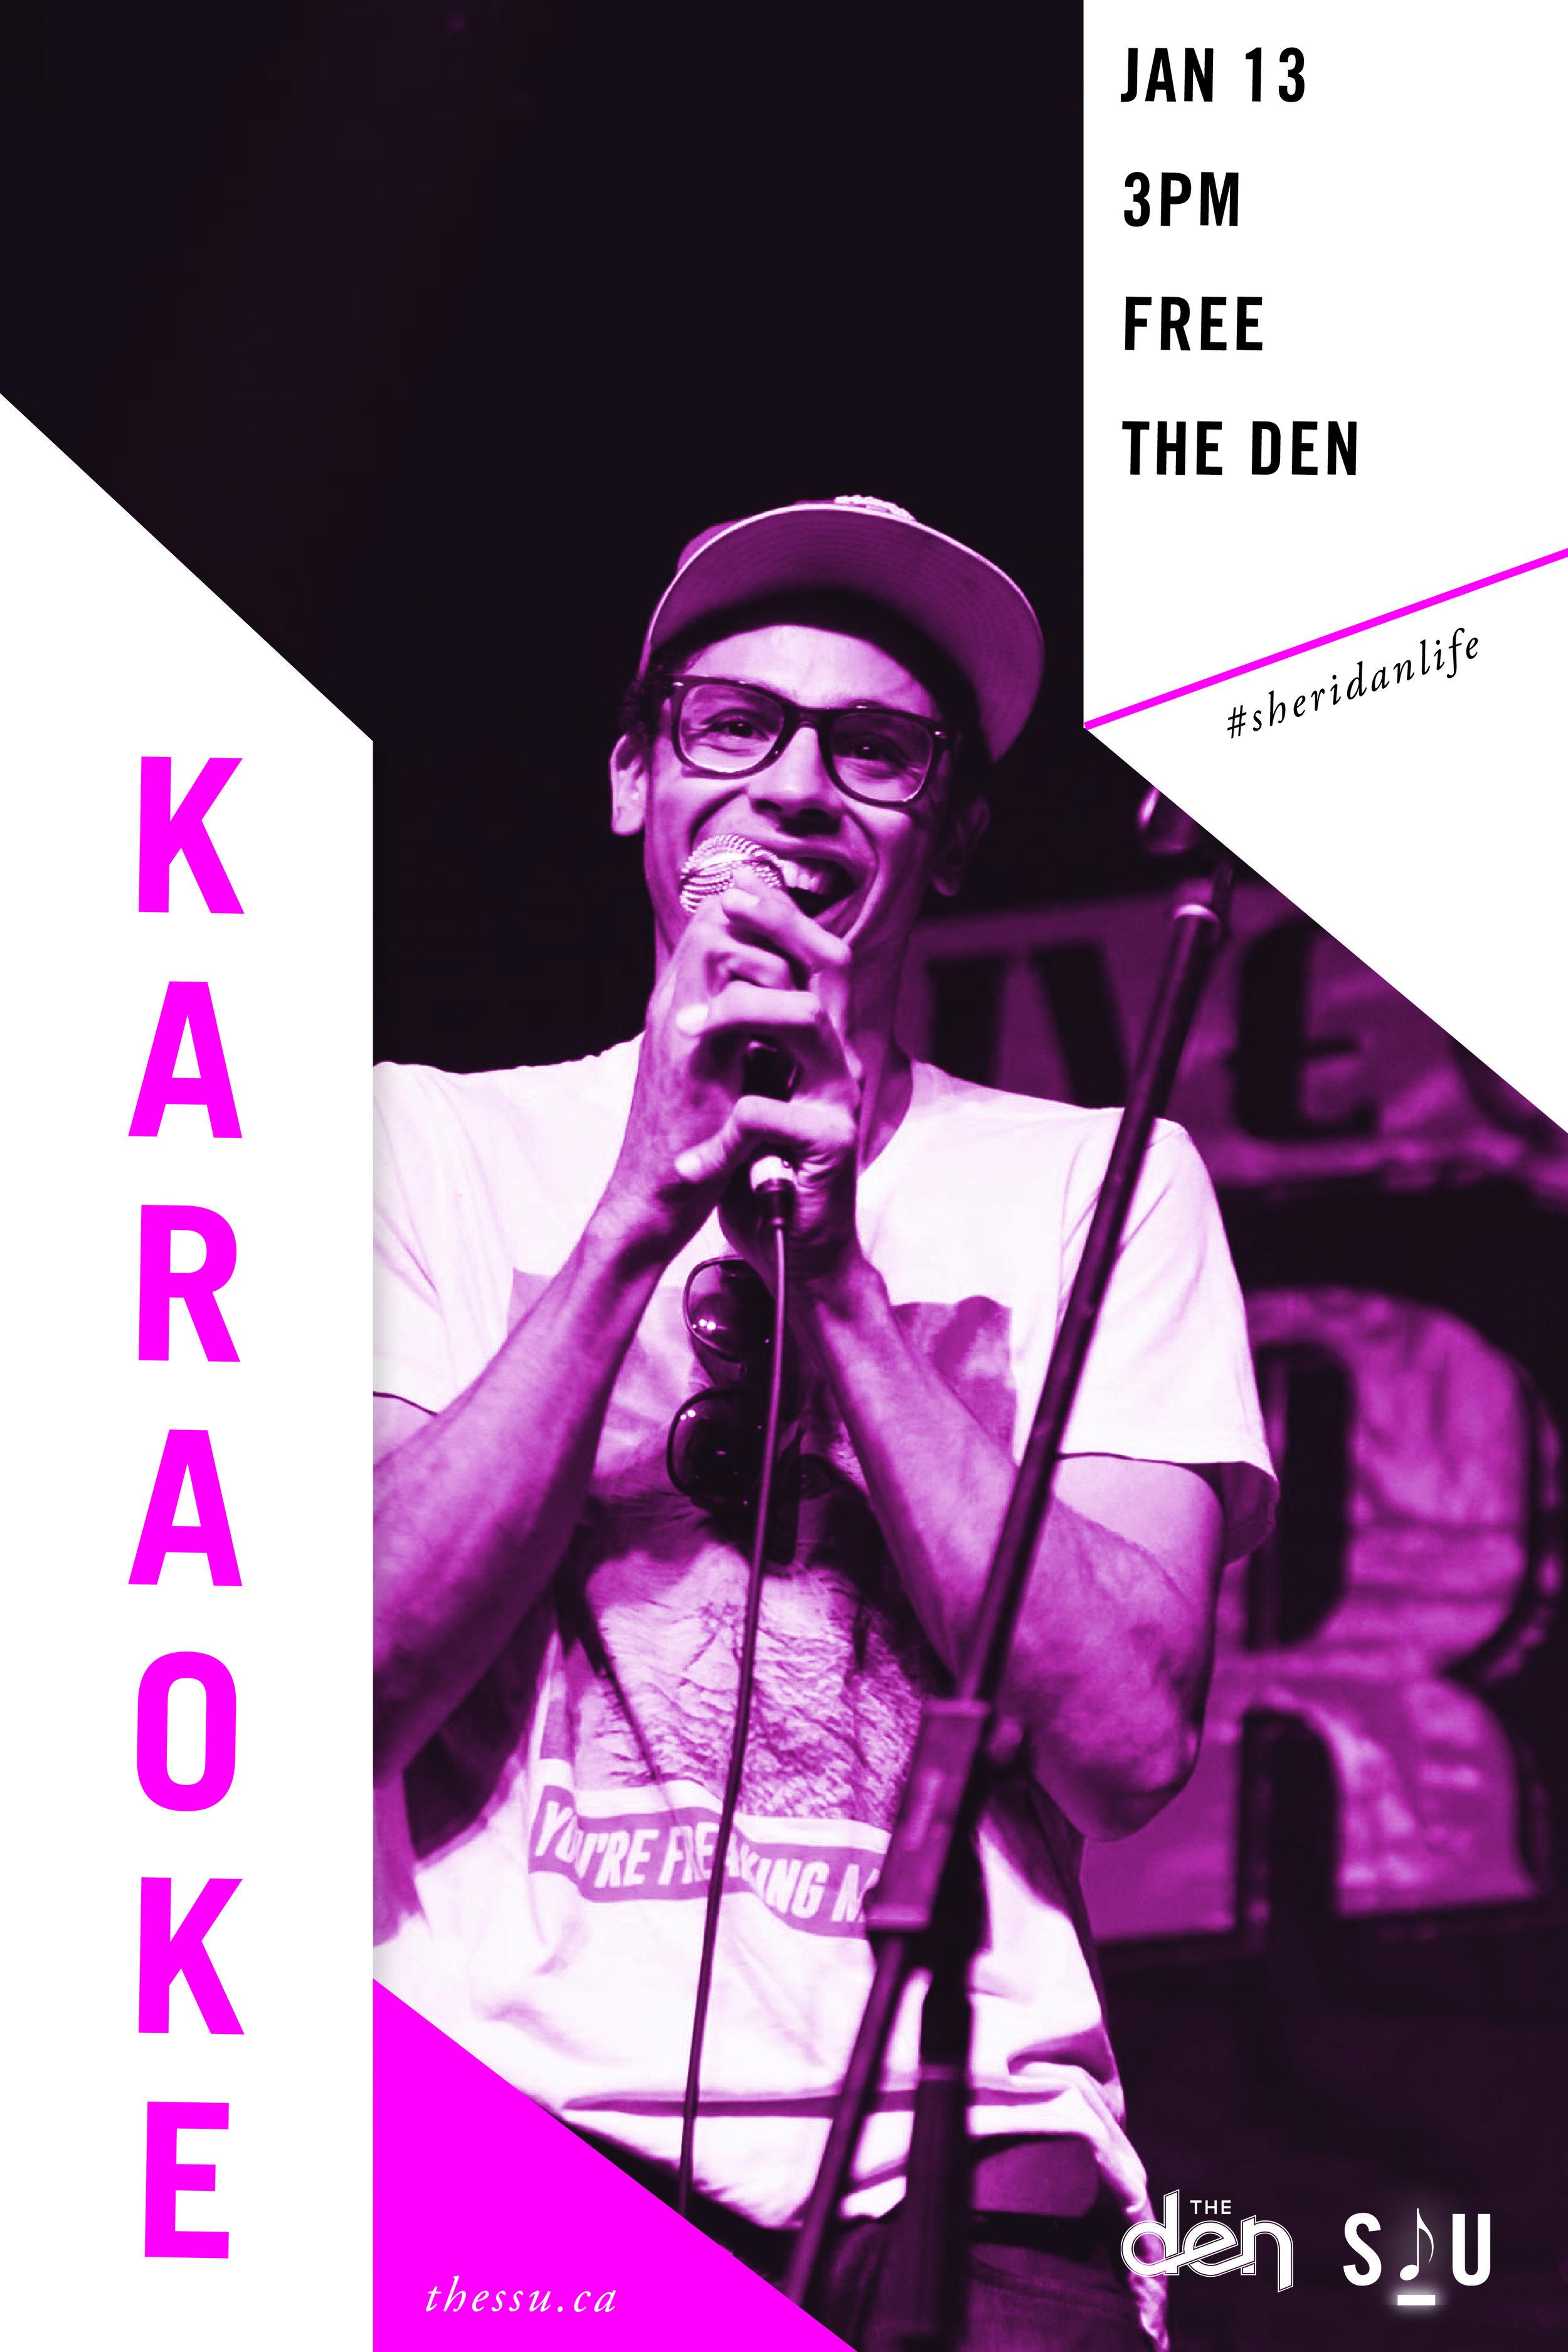 JAN 13 karaoke_PRINT-01.jpg